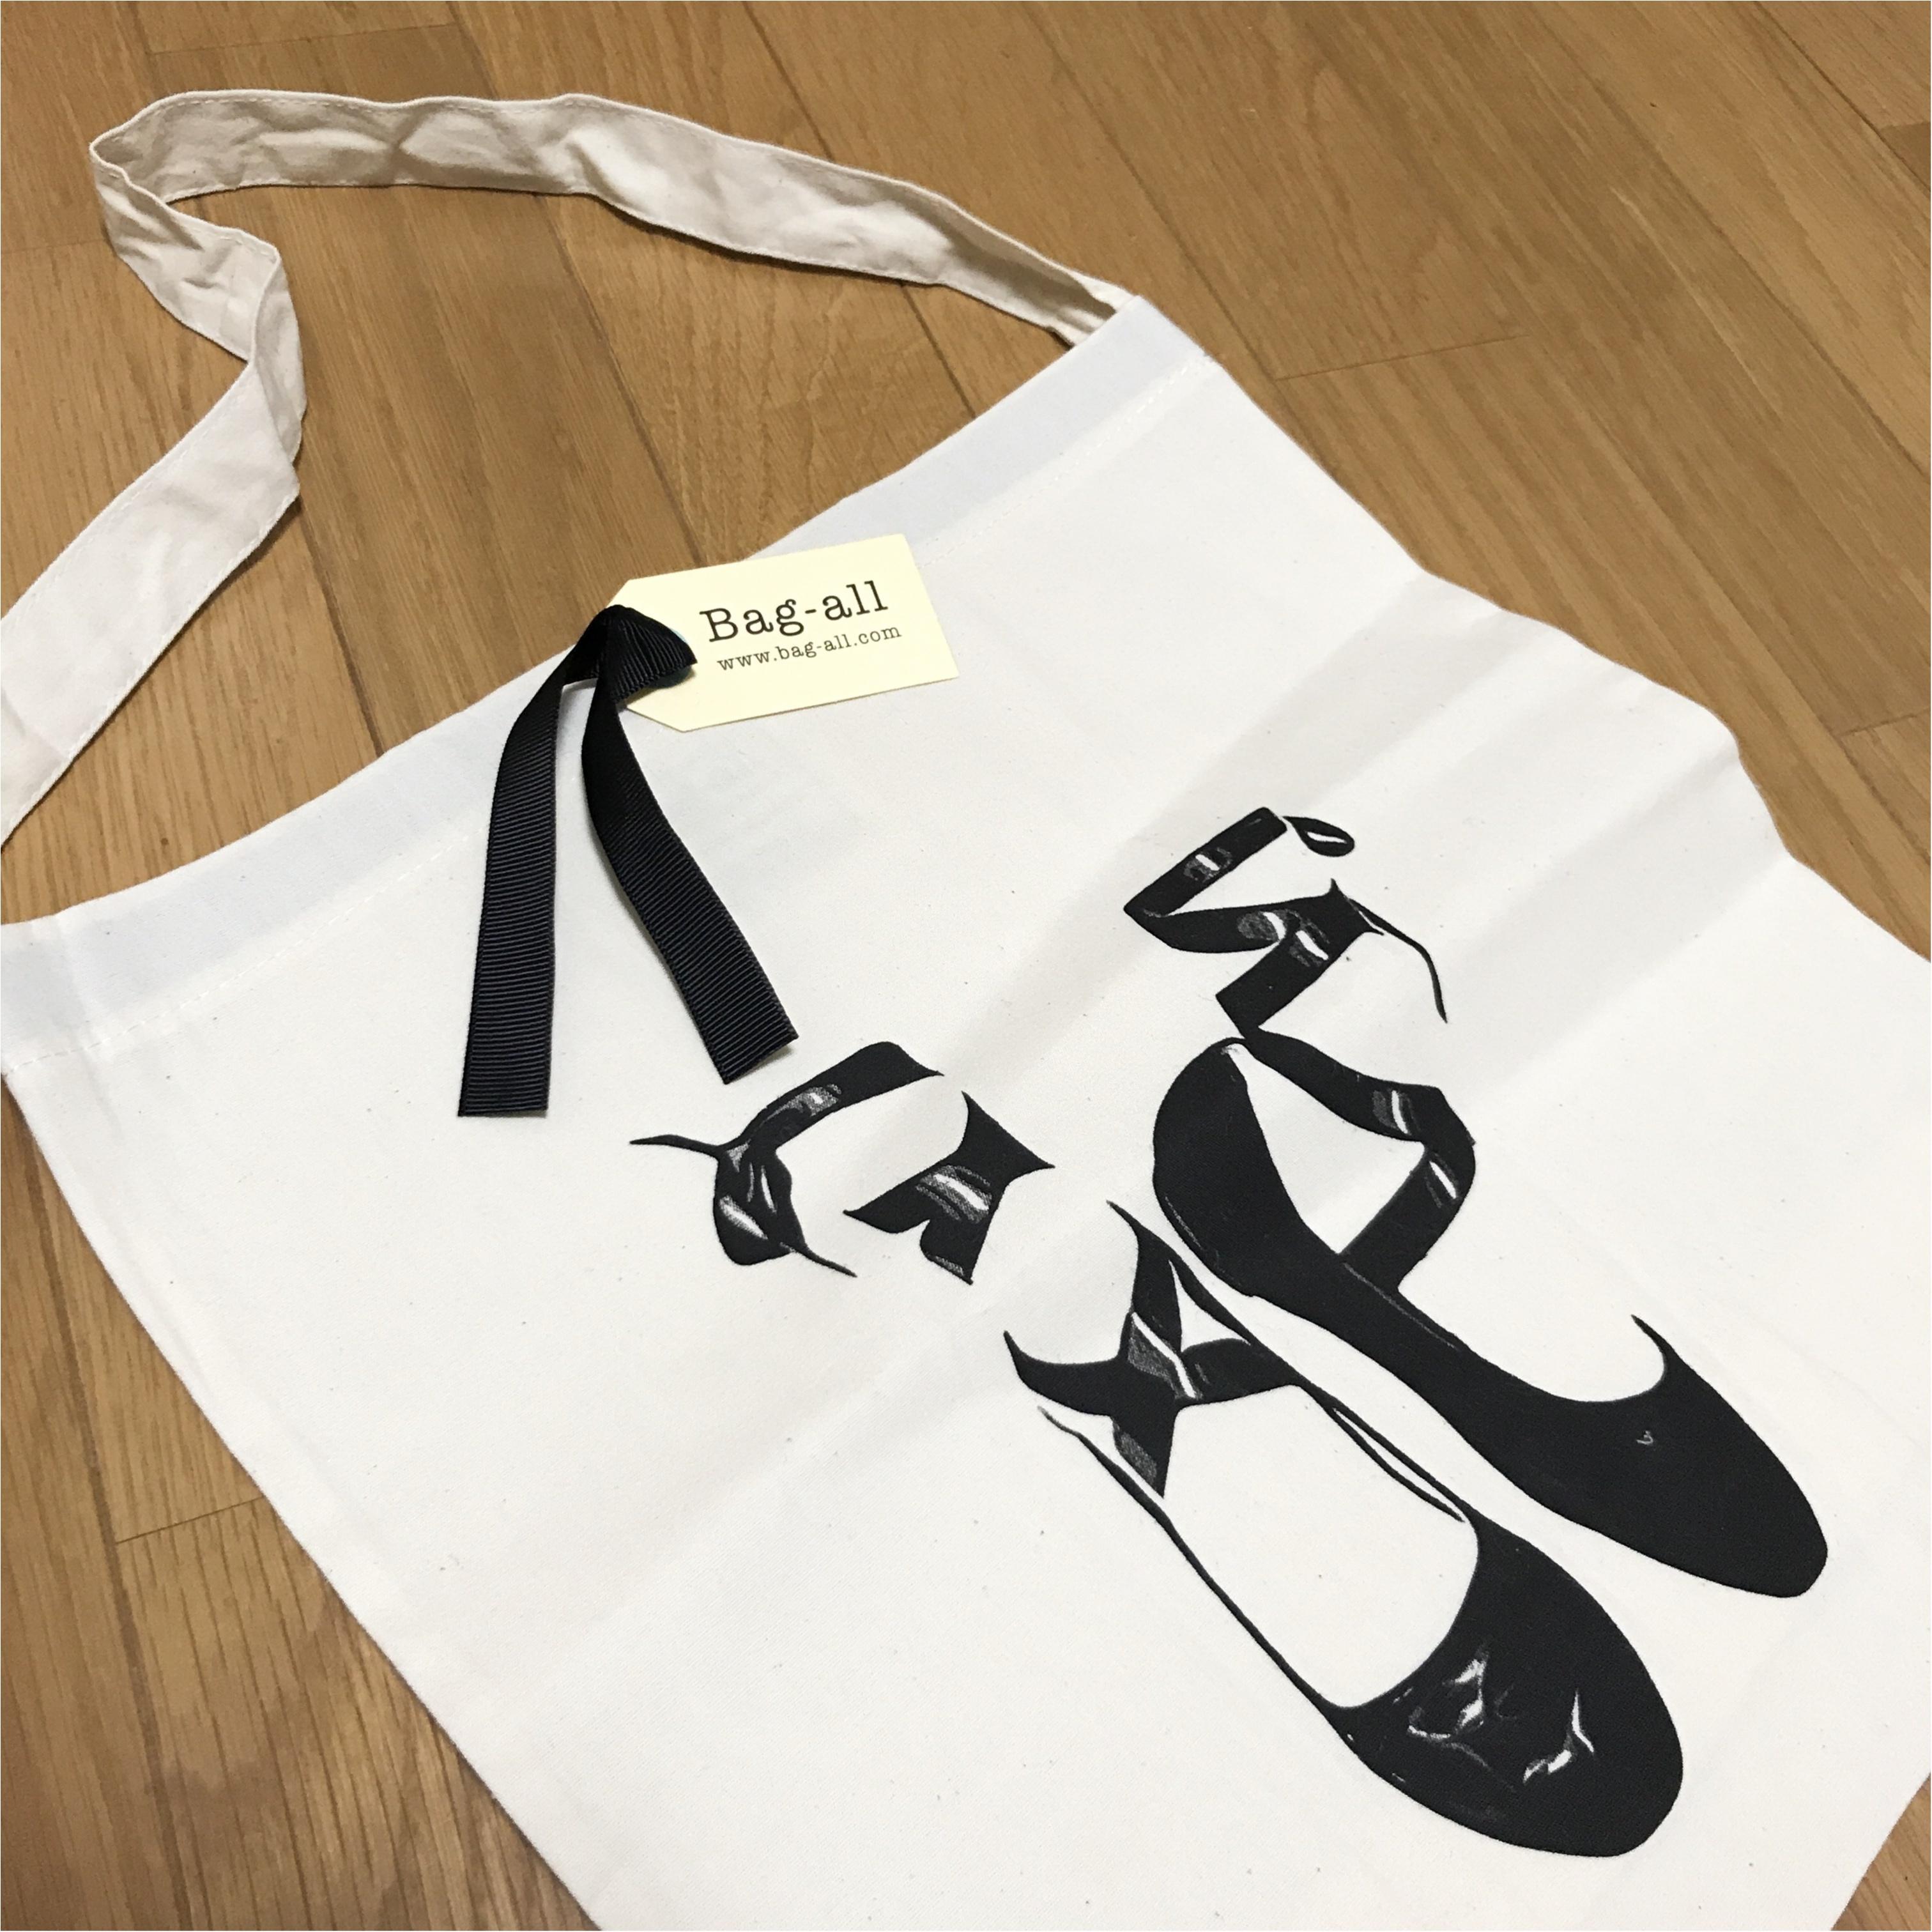 NY発!【Bag-all】のコットンオーガナイジングバッグがかわいすぎるっ♡_1